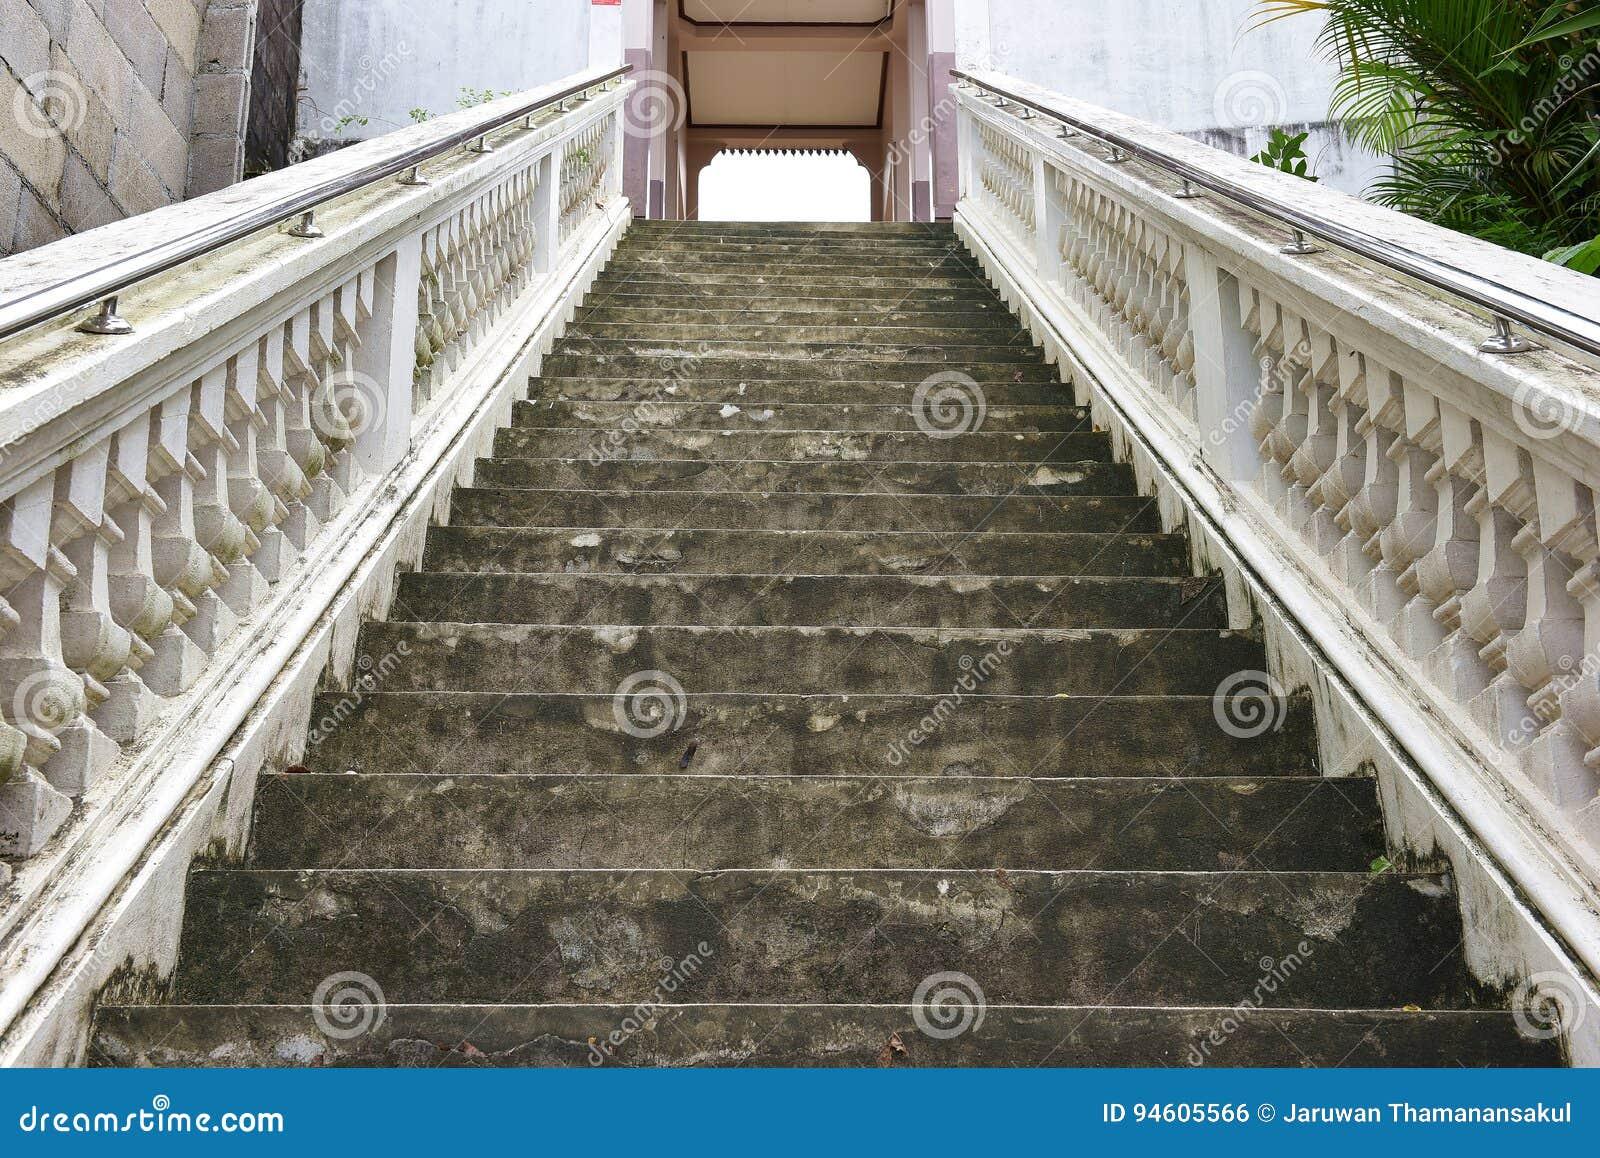 Treden tot de tempel, Thailand, een gebouw toegewijd die aan de verering, of als woningsplaats wordt beschouwd, of